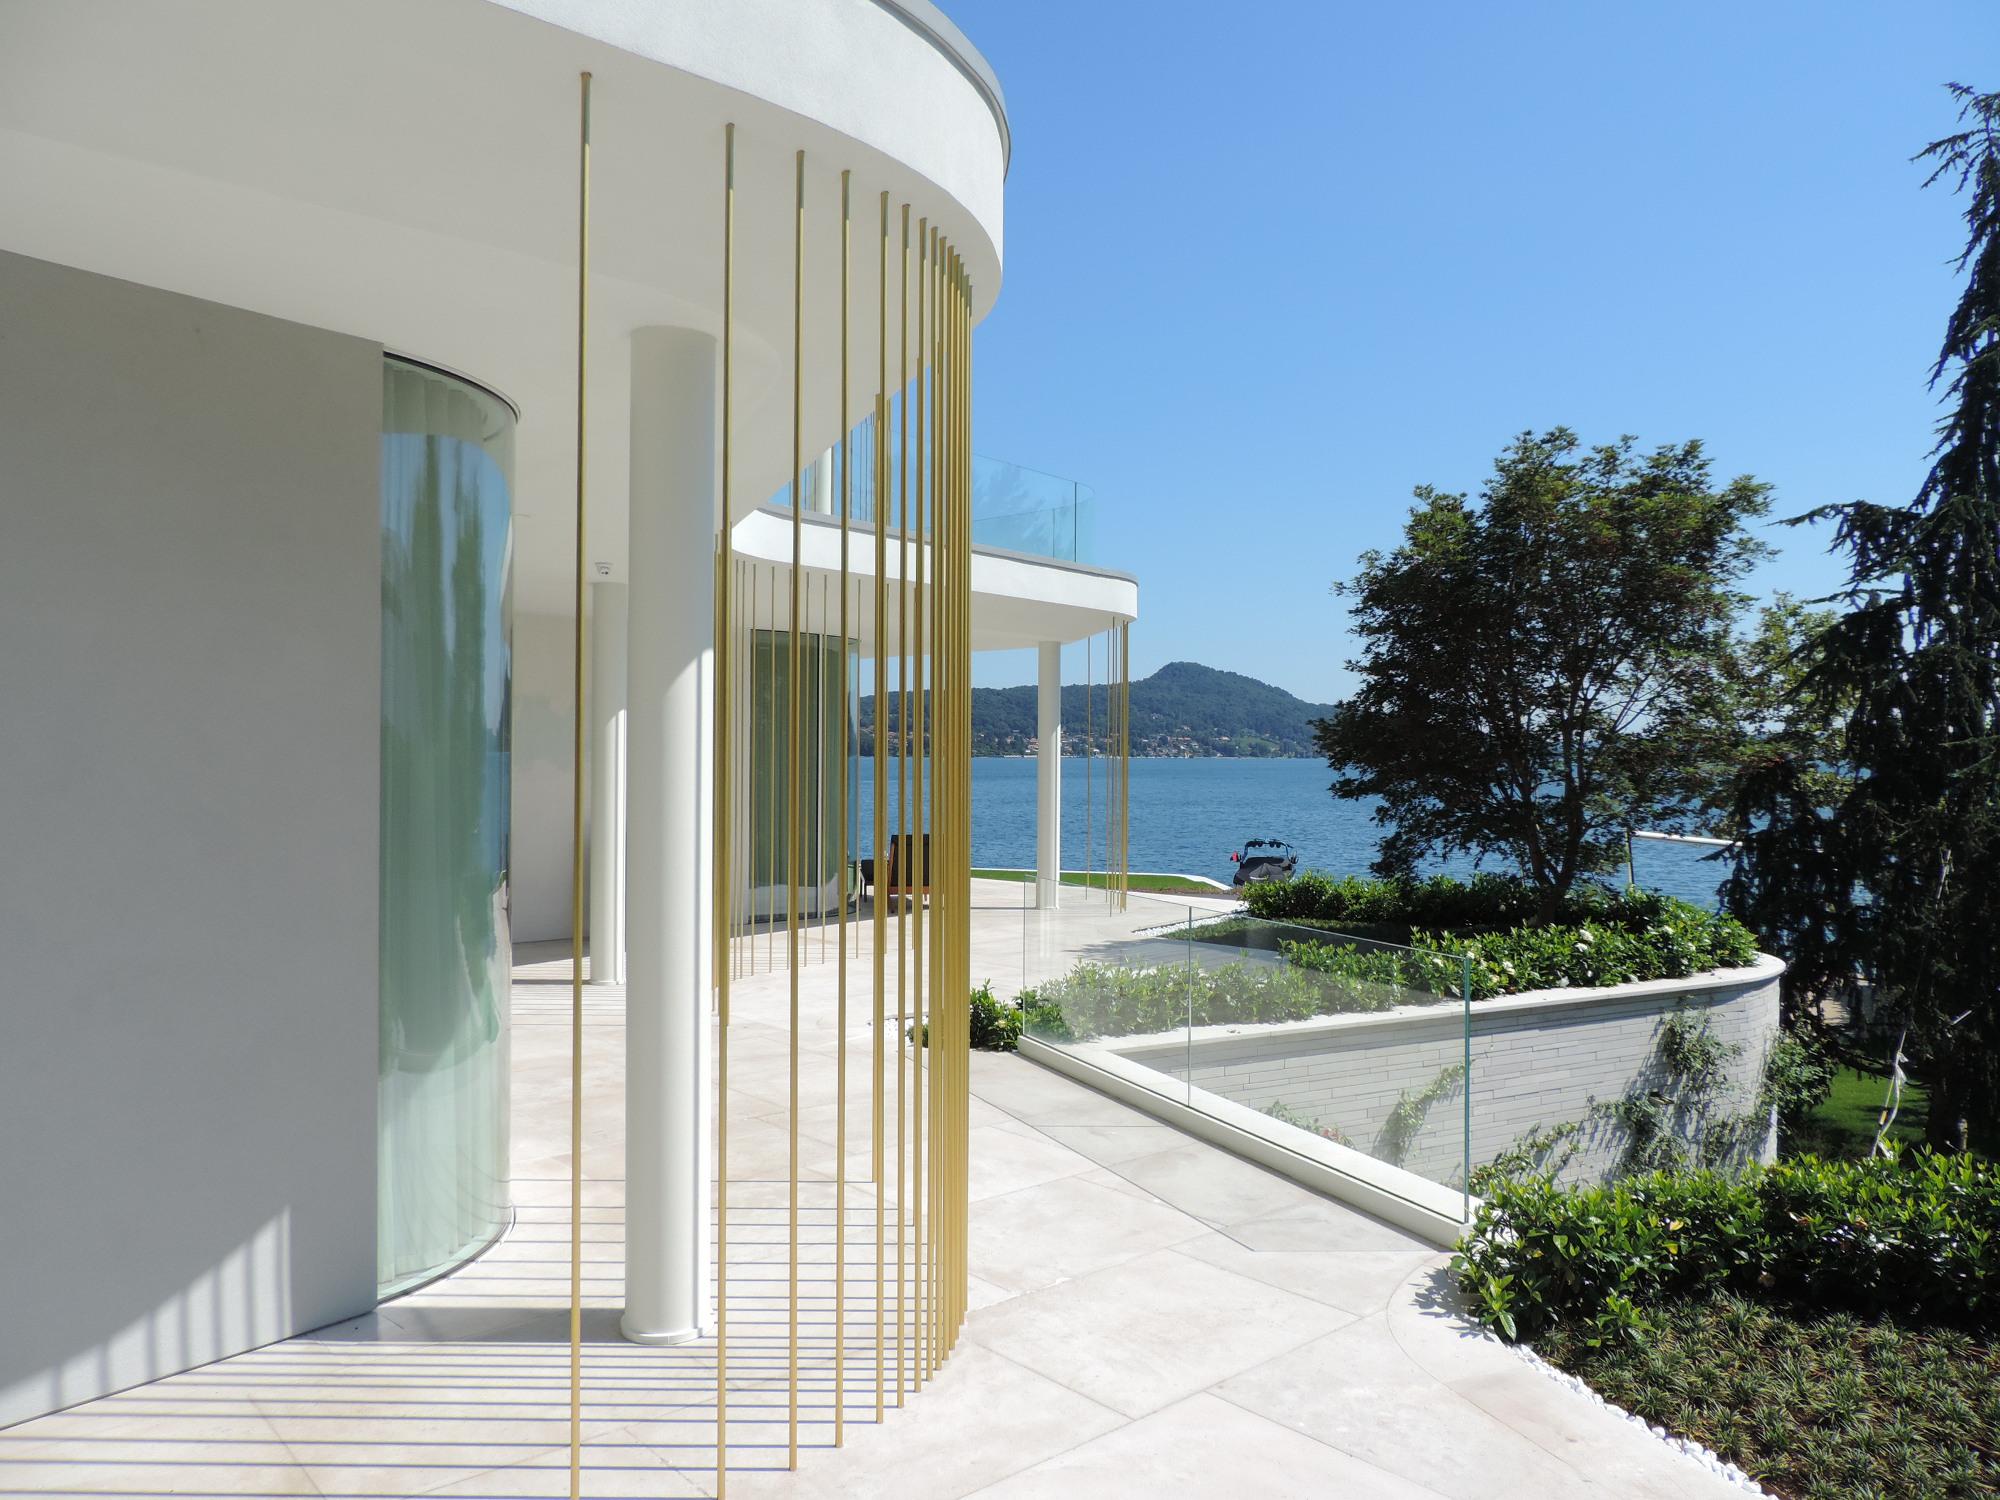 0718_RobertoManzetti-Architetto-NeuHouse-13